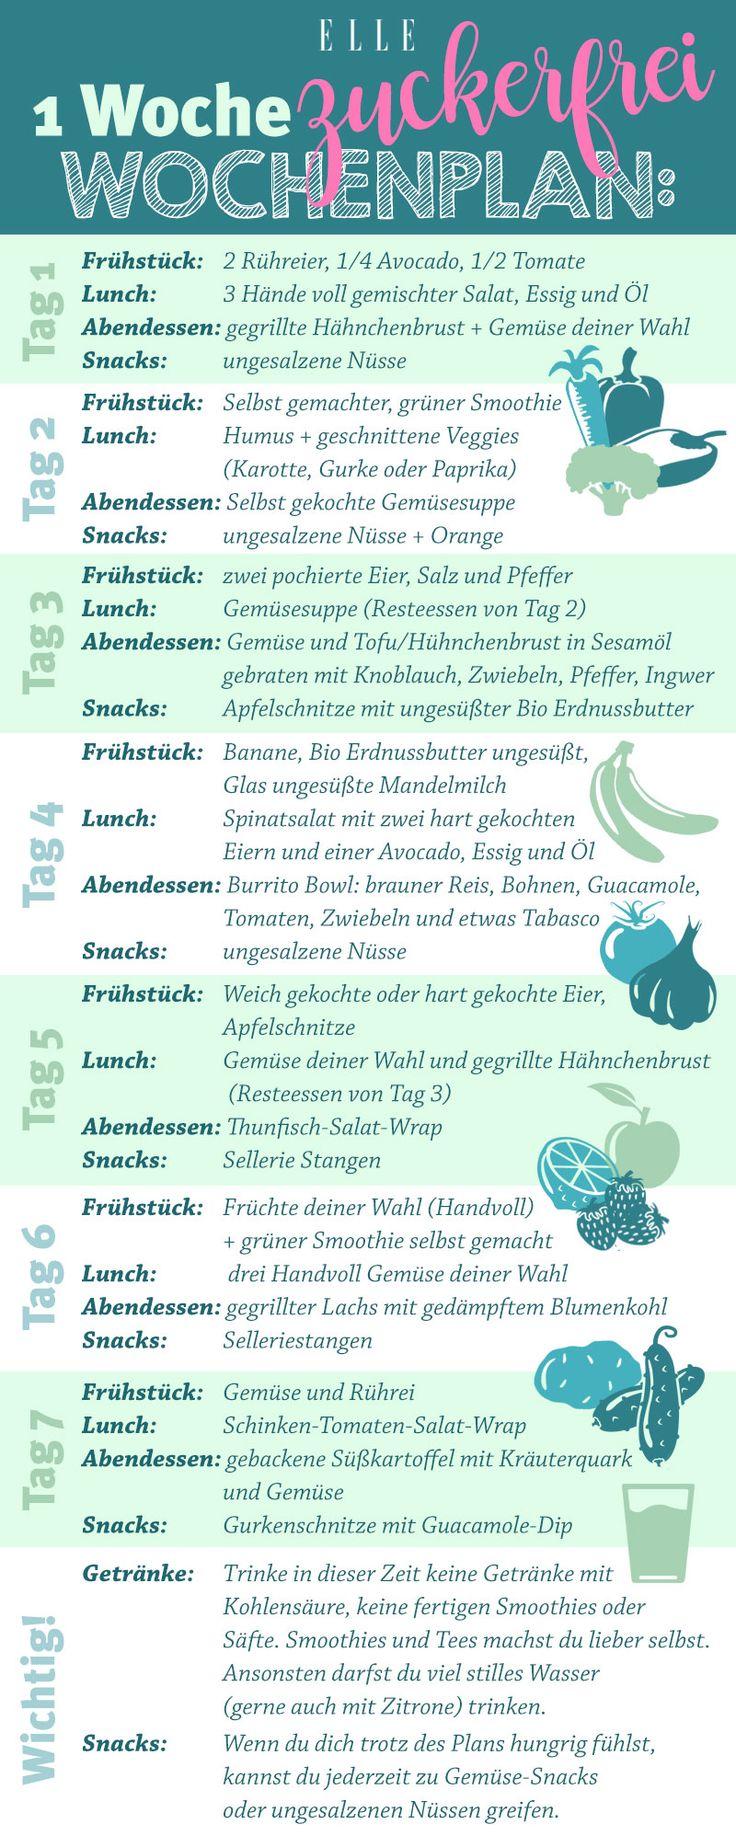 1 Woche zuckerfrei: So klappt's garantiert – ELLE Germany